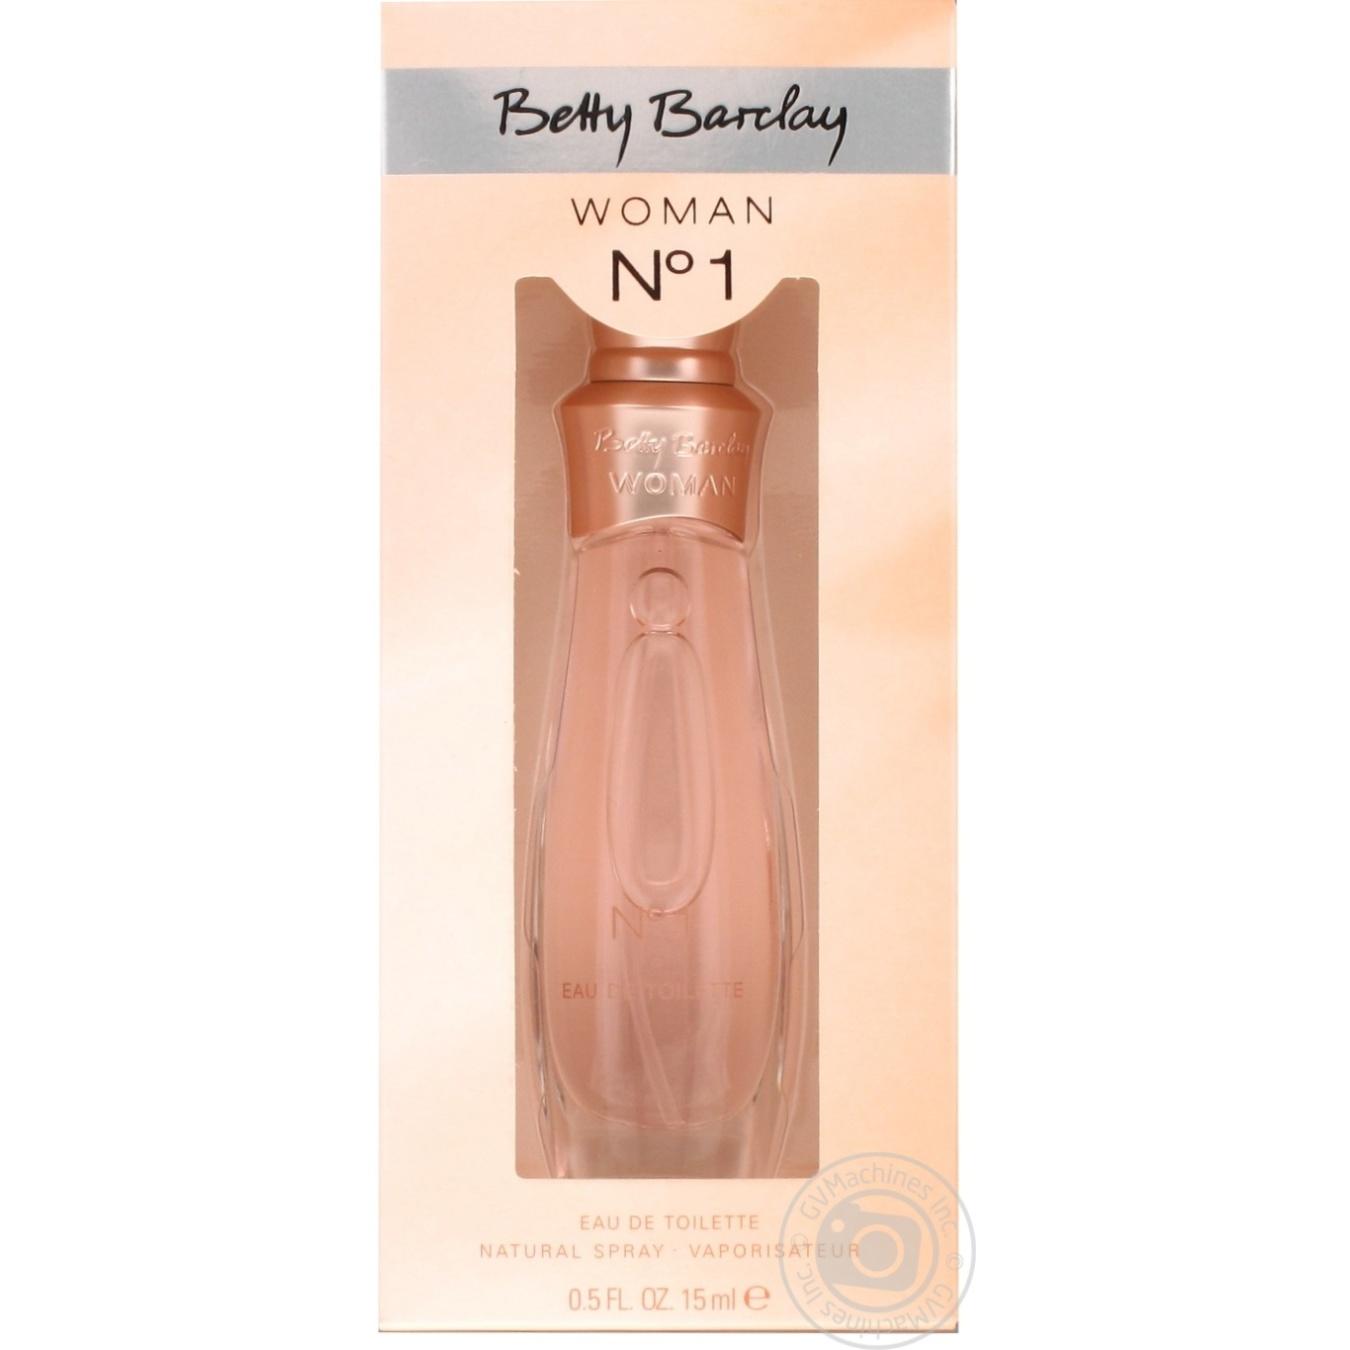 Eau de toilette Betty barclay for women 15ml → Hygiene → Cosmetics ... cbc26f81d98ec